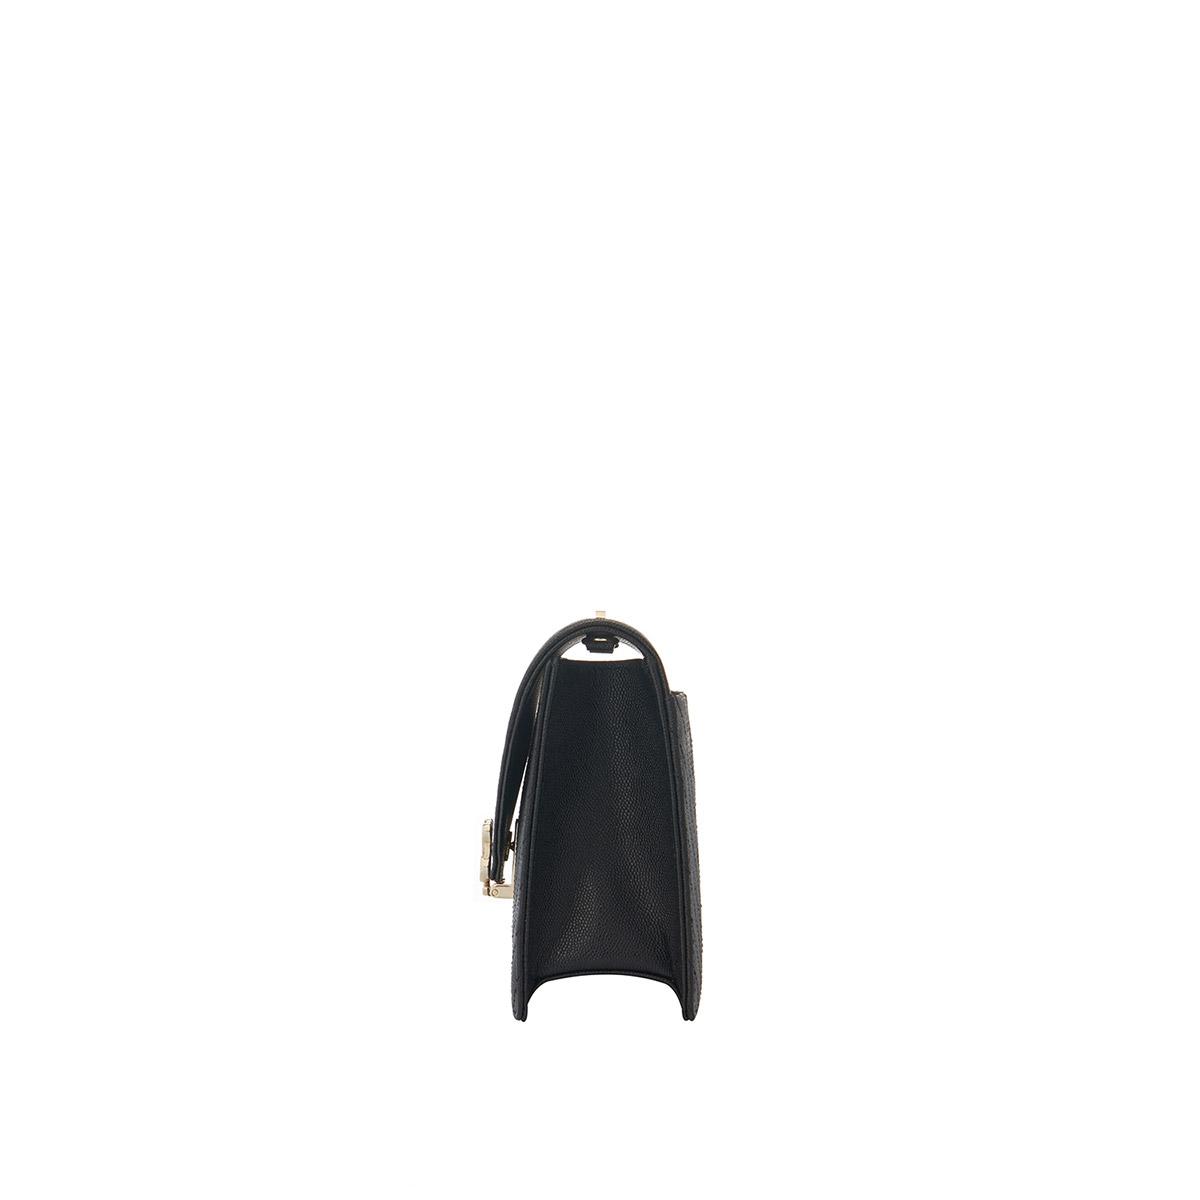 루이까또즈 MINI CAVIAR(미니캐비어) 크로스백 HO1PM22BL